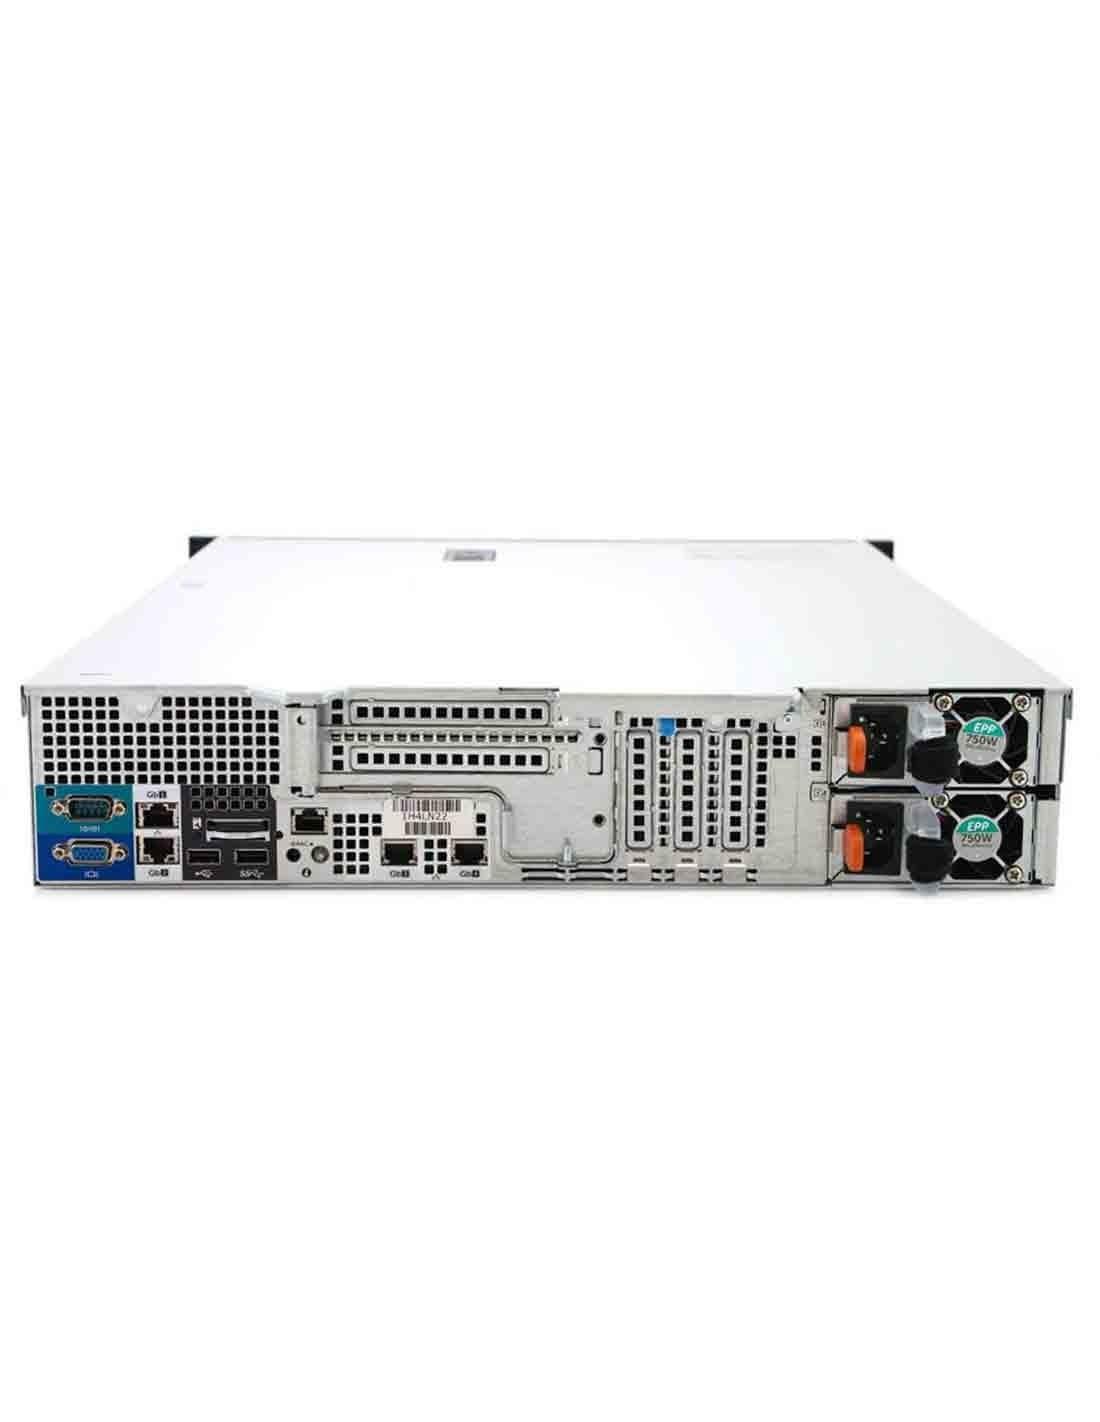 Dell PowerEdge R530 Rack Server Dubai Online Store